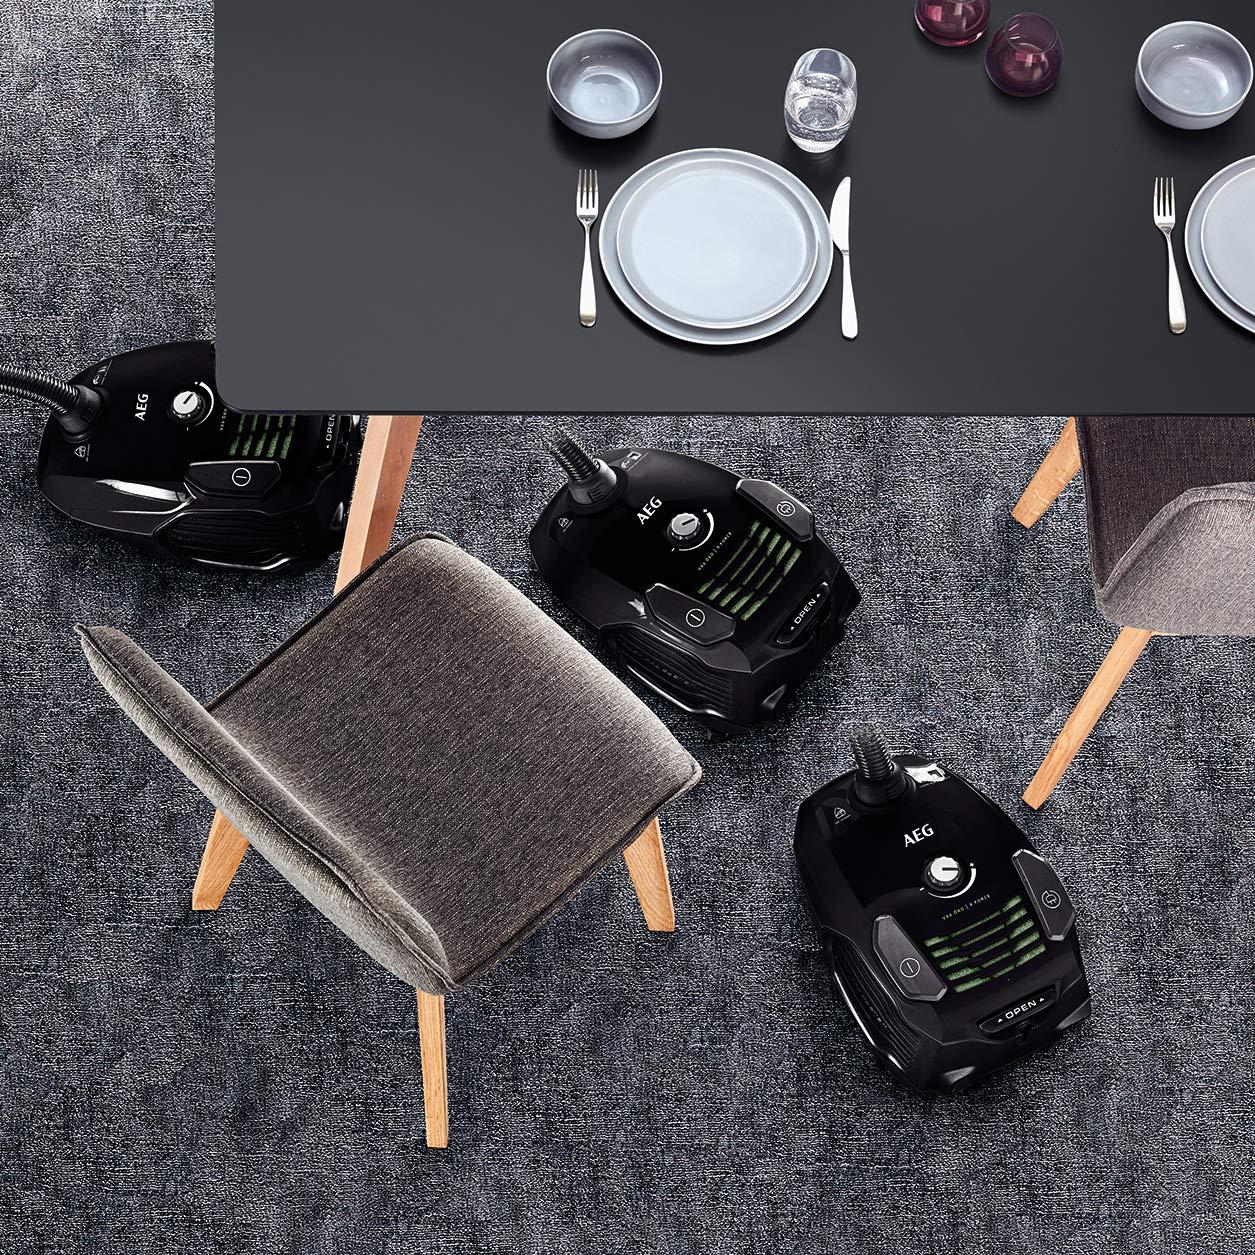 AEG VX6-2-ÖKOX Staubsauger mit Beutel (60% Recyclingmaterial, inkl. Zusatzdüsen, für Hart- und Teppichböden, 9 m…